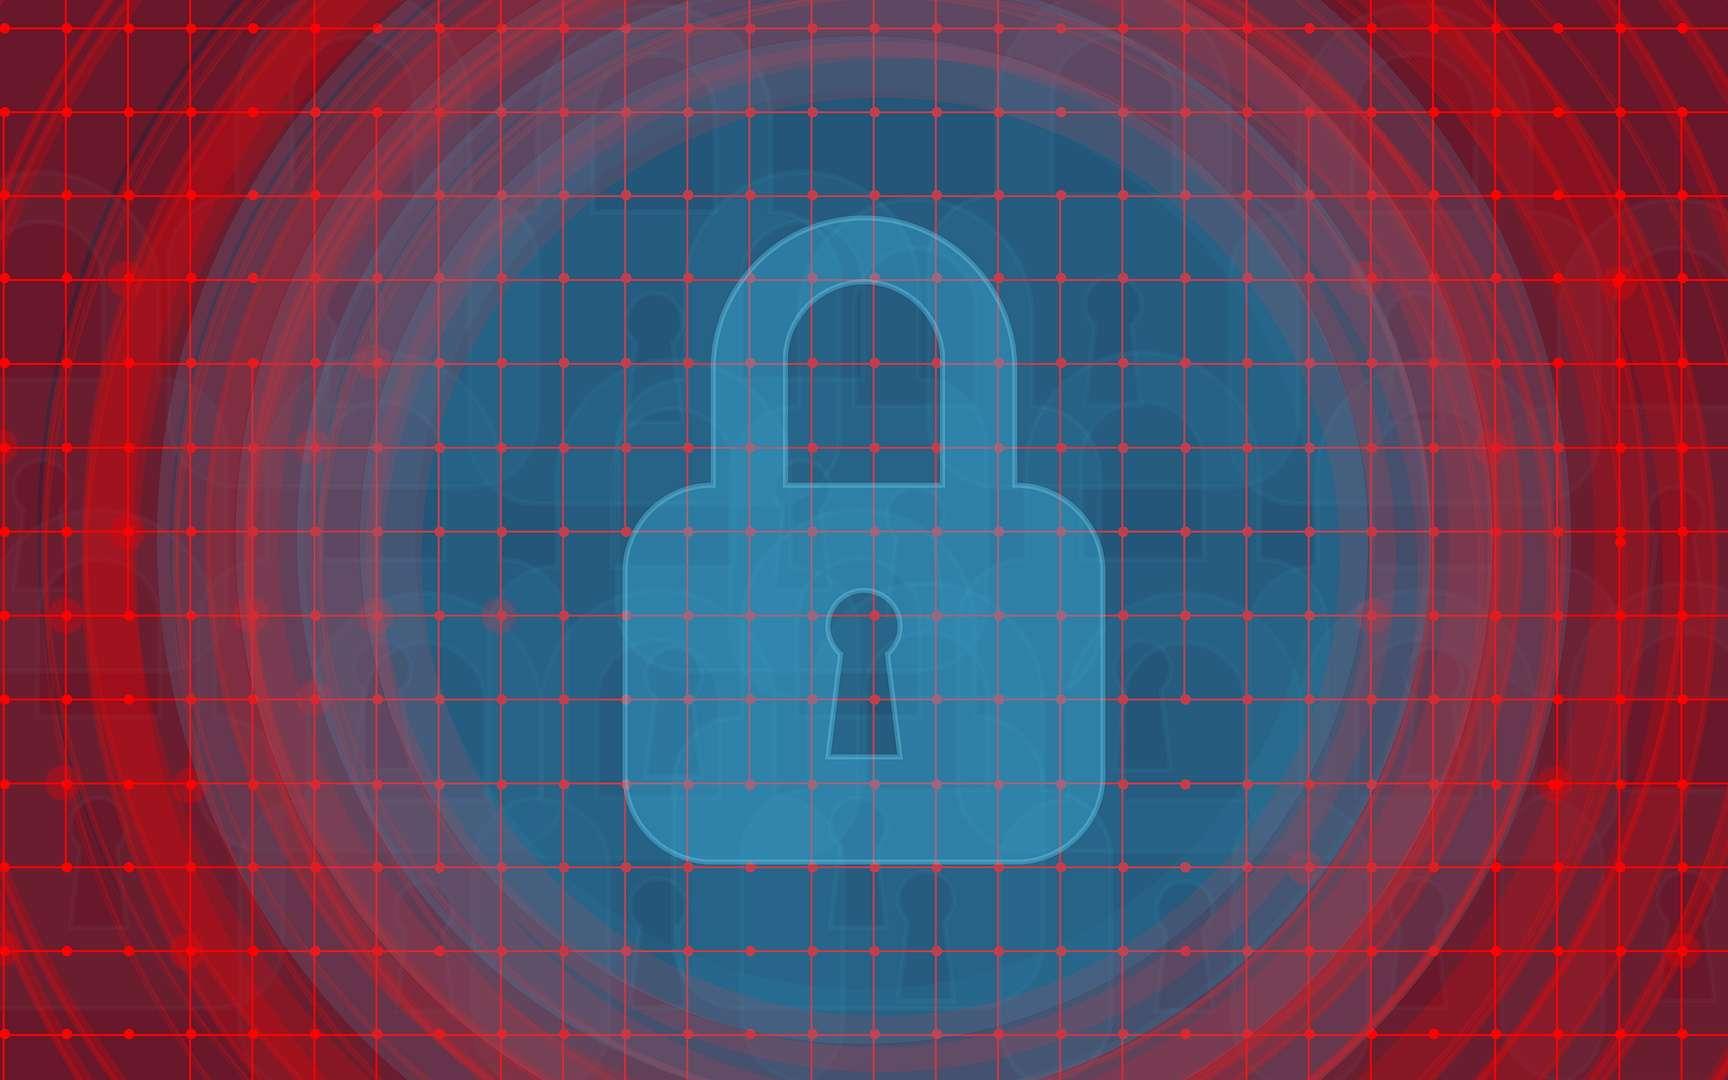 Le nouveau malware Drovorub est le dernier d'une suite d'attaques contre Linux par les groupes russes. © VIN JD, Pixabay